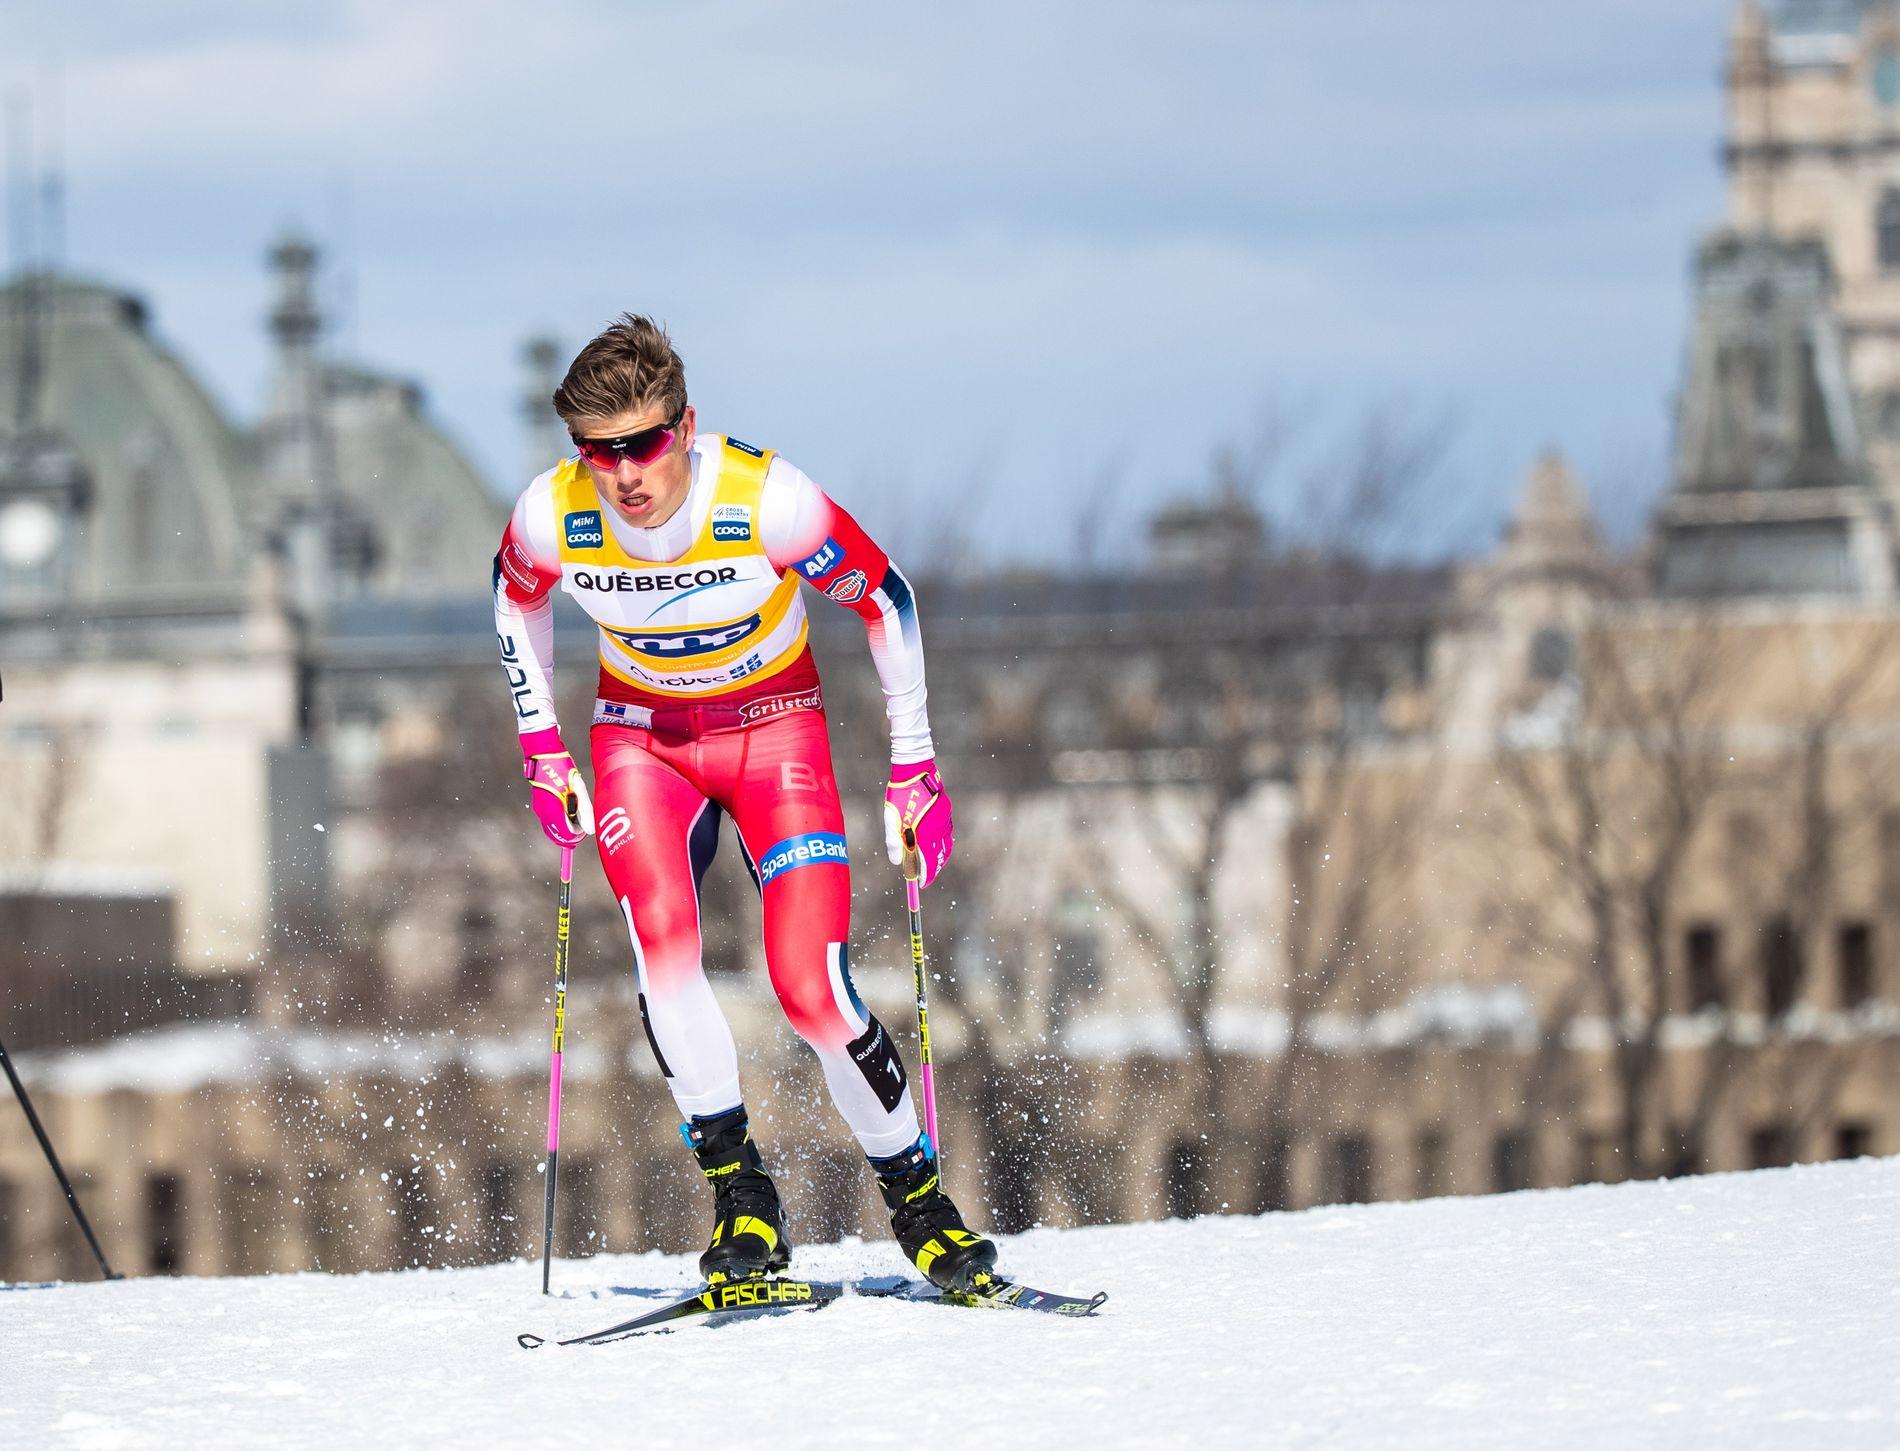 PÅ VEI MOT SEIER: Johannes Høsflot Klæbo har triumfert 13 ganger i verdenscupen denne sesongen.